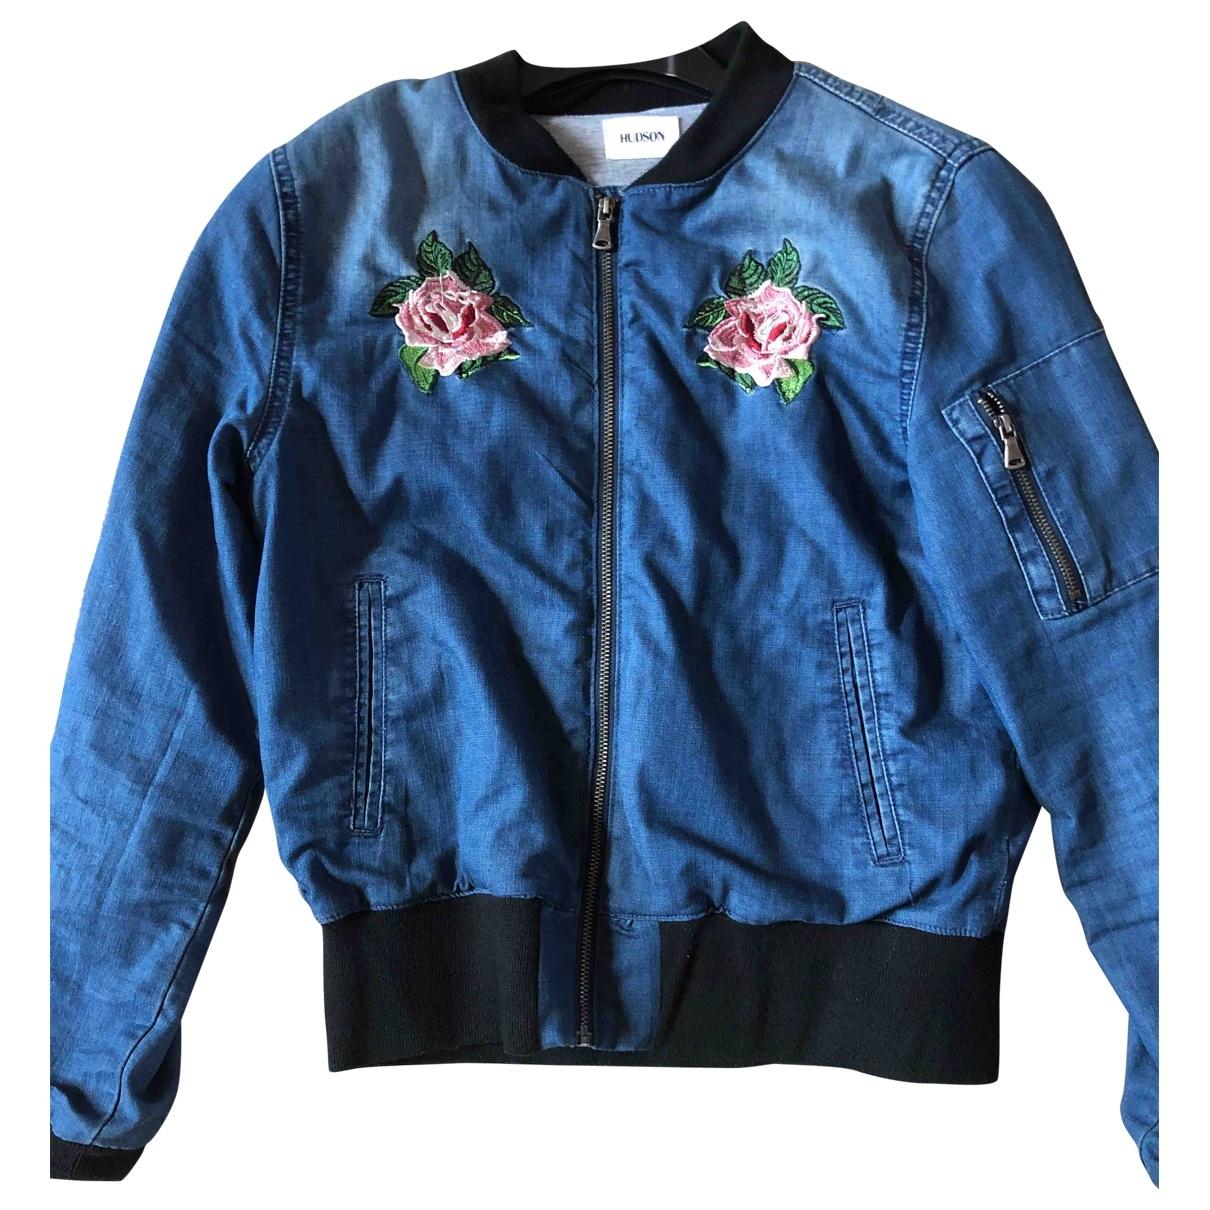 Hudson - Blousons.Manteaux   pour enfant en denim - bleu